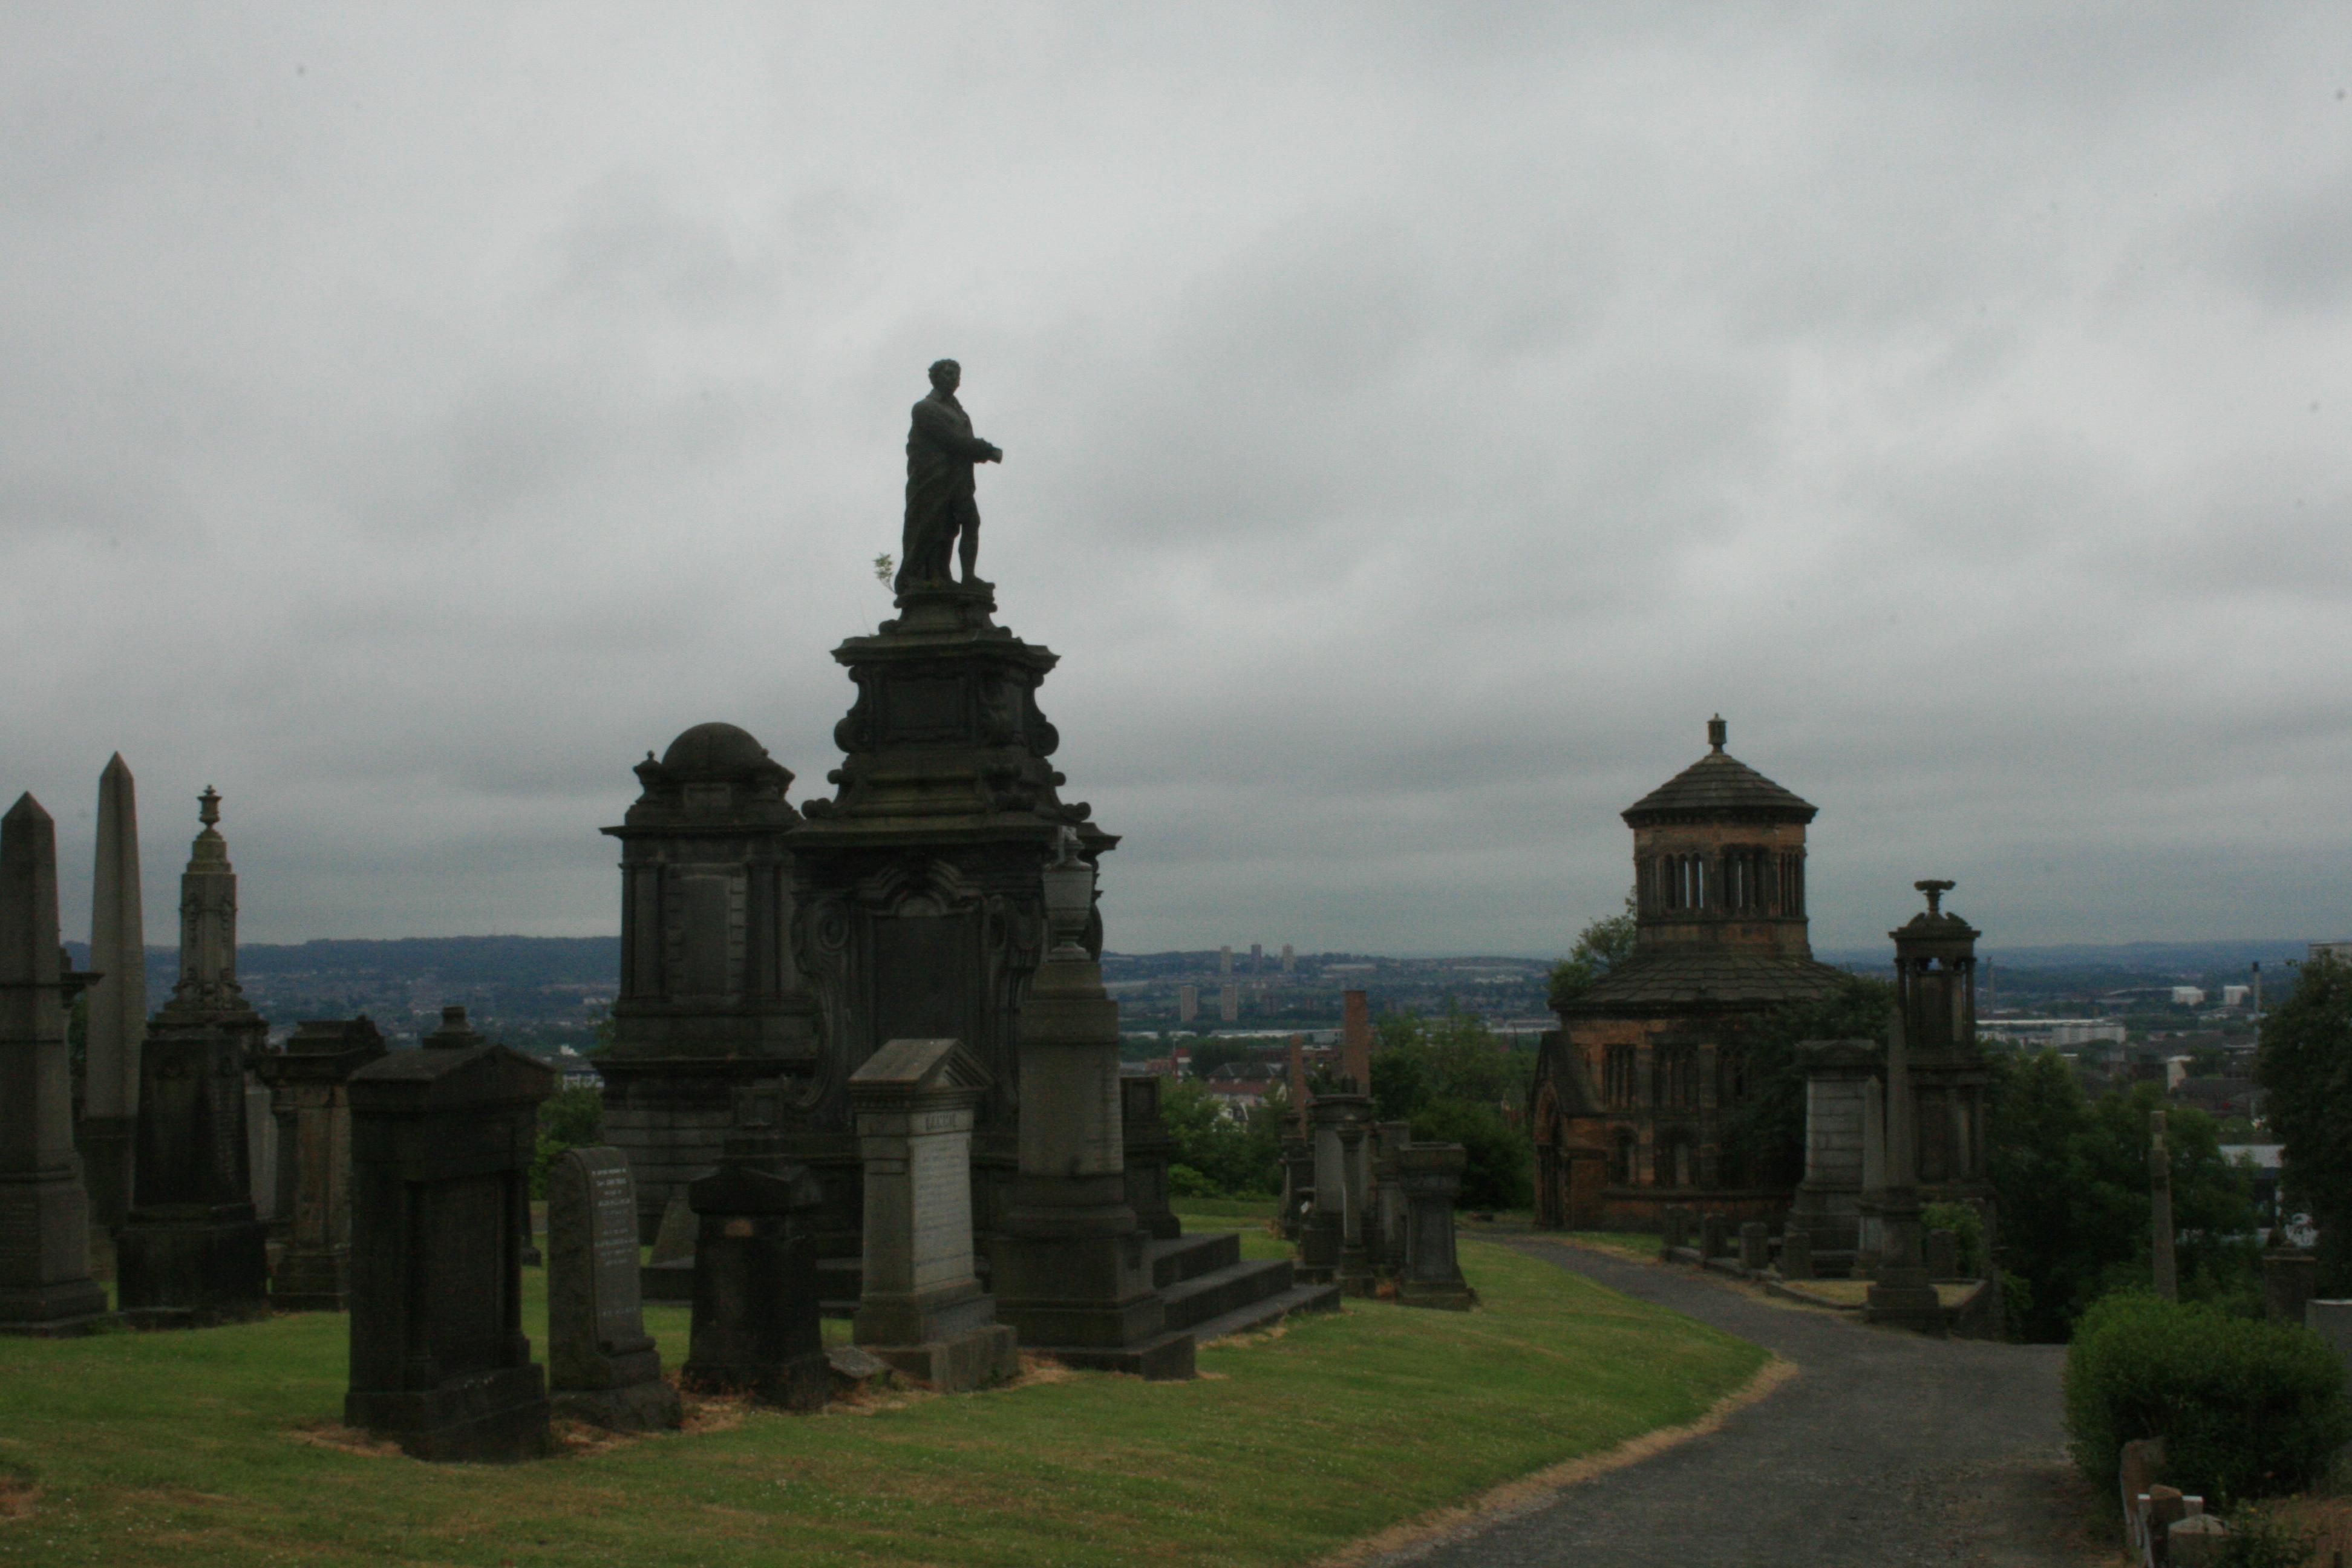 I dig graveyards